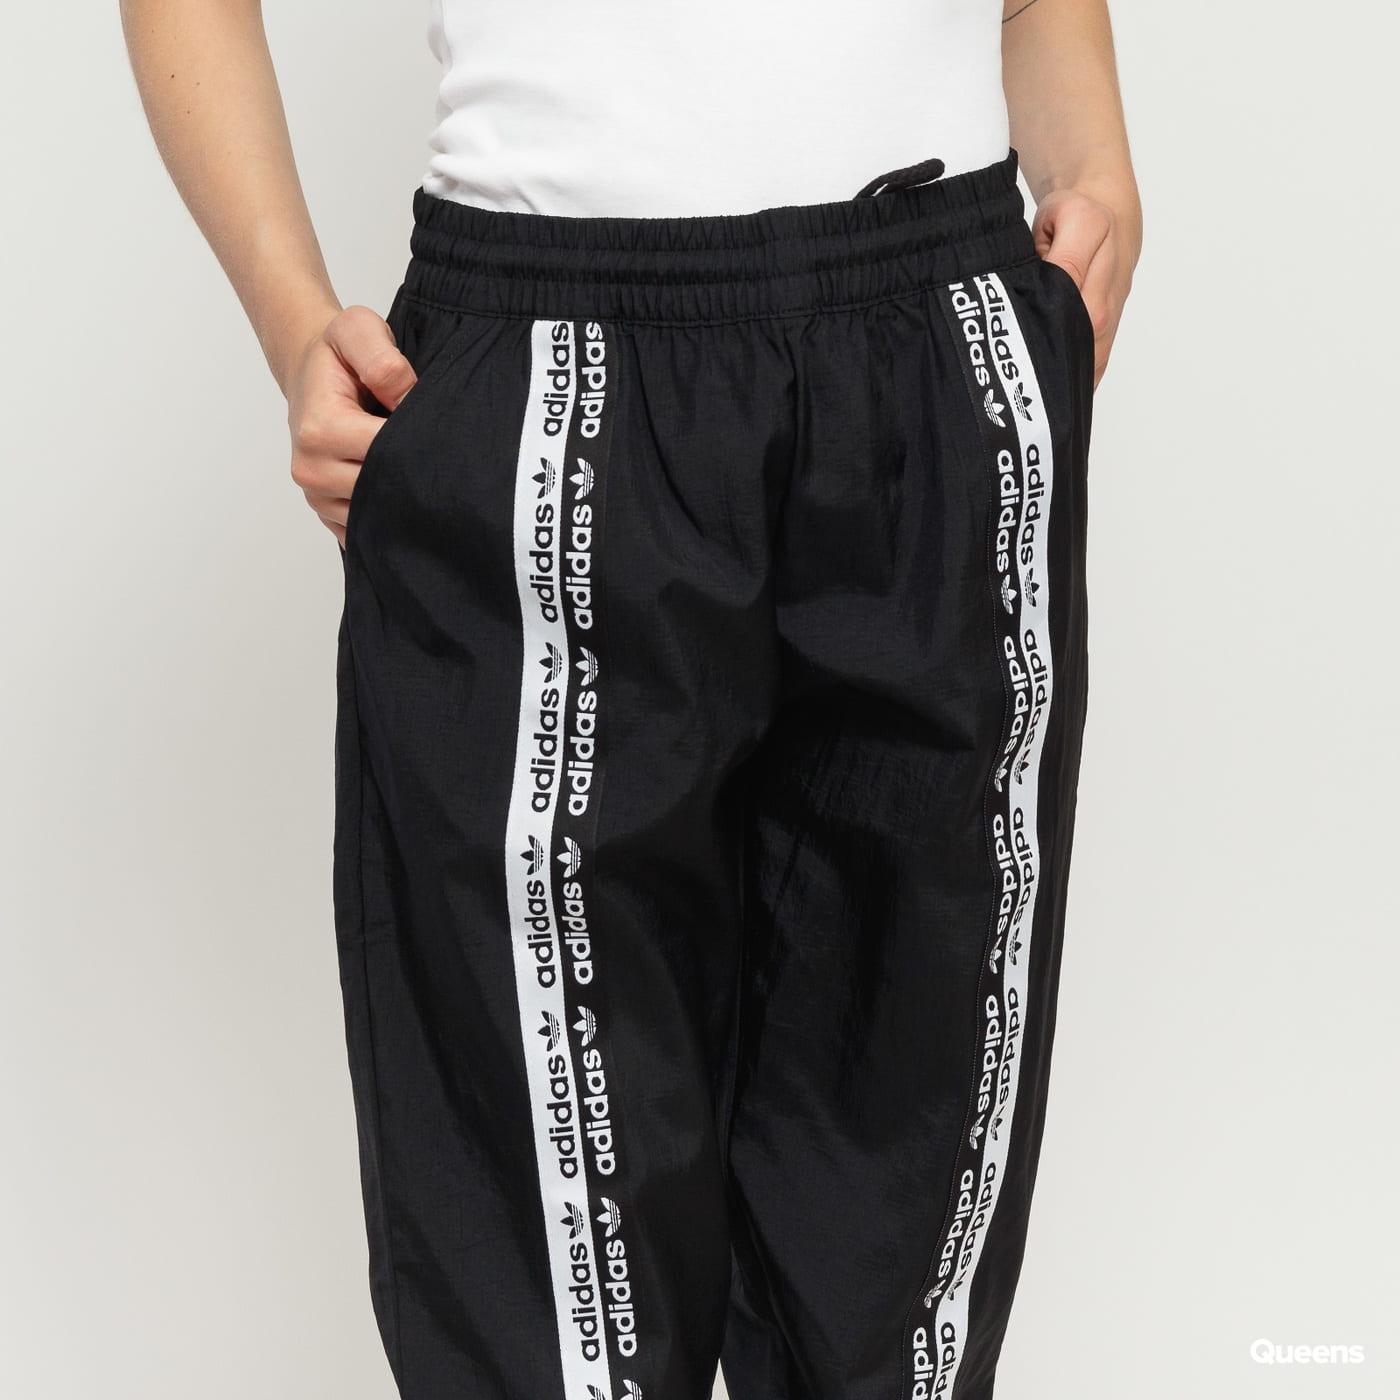 adidas runners shorts